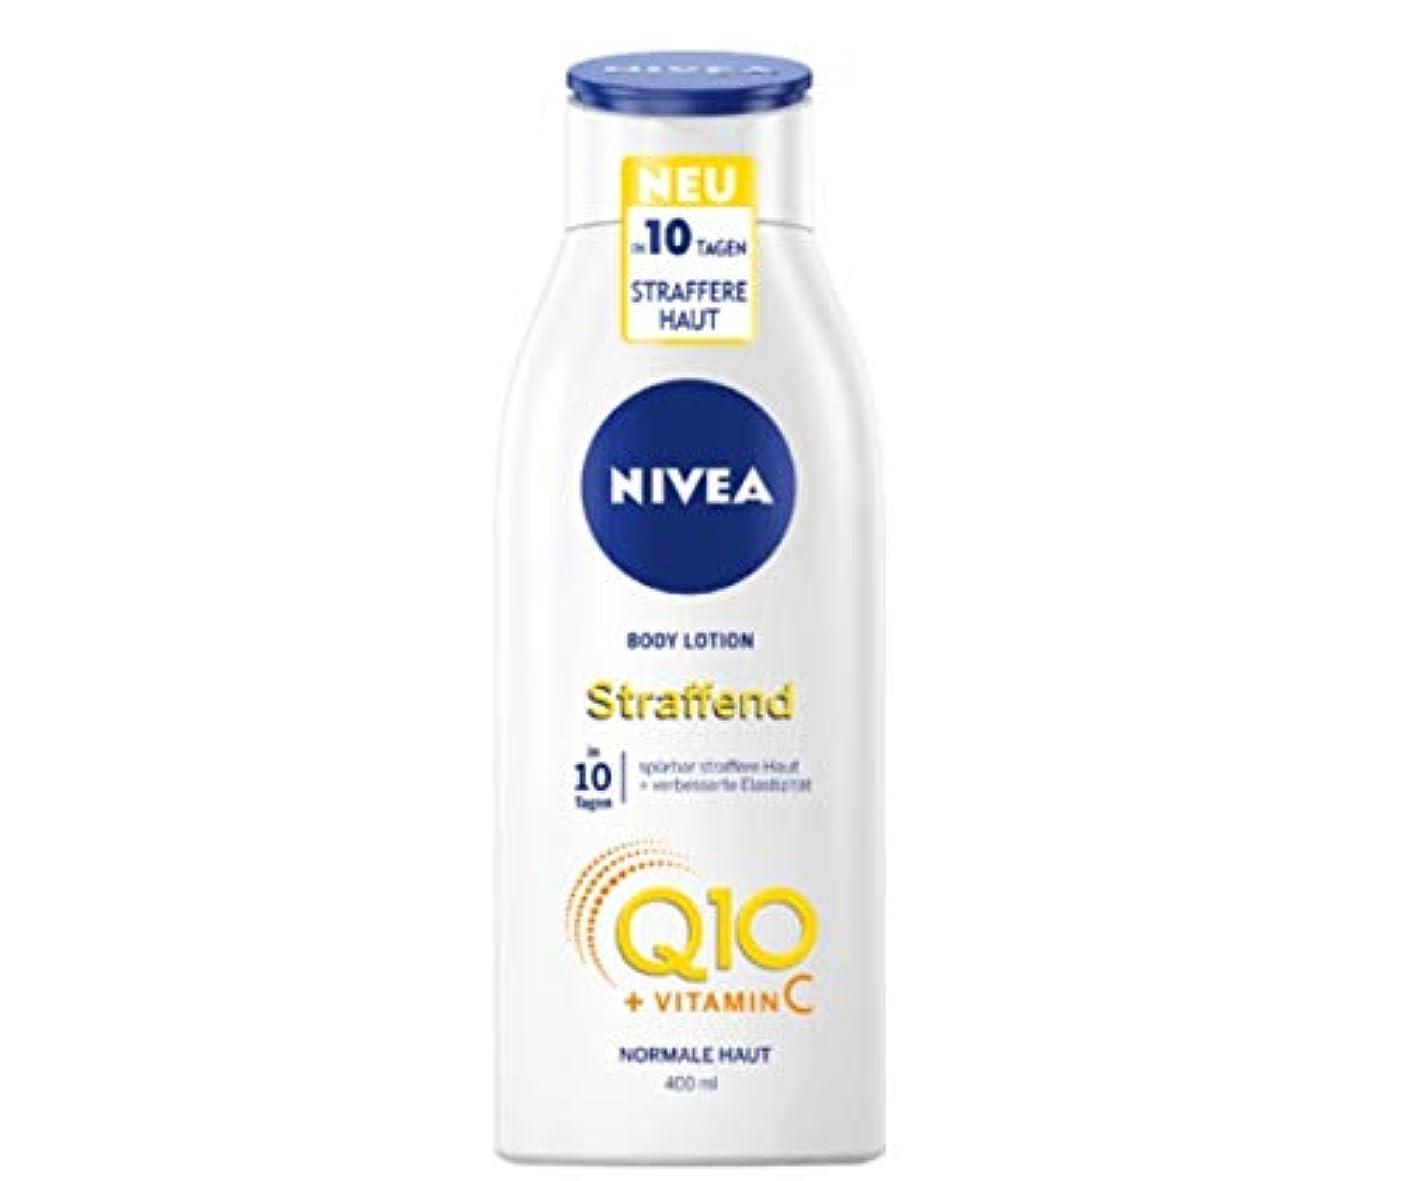 ネクタイ化学薬品免疫ニベア Nivea Q10 ビタミンC ボディーローション 400ml [並行輸入品]